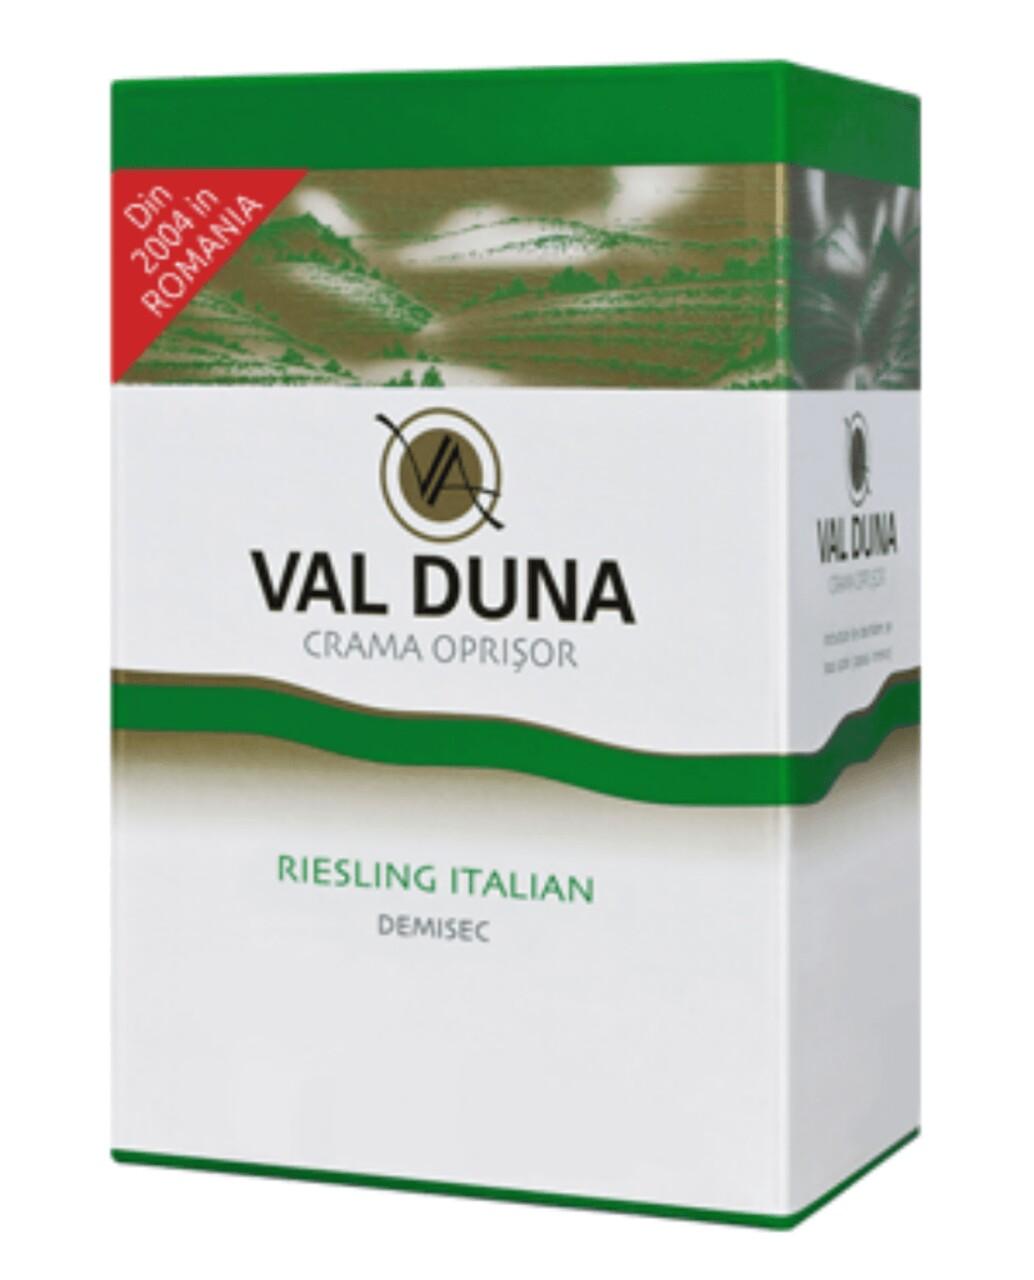 Oprisor Val Duna Riesling Italian BIB 5L